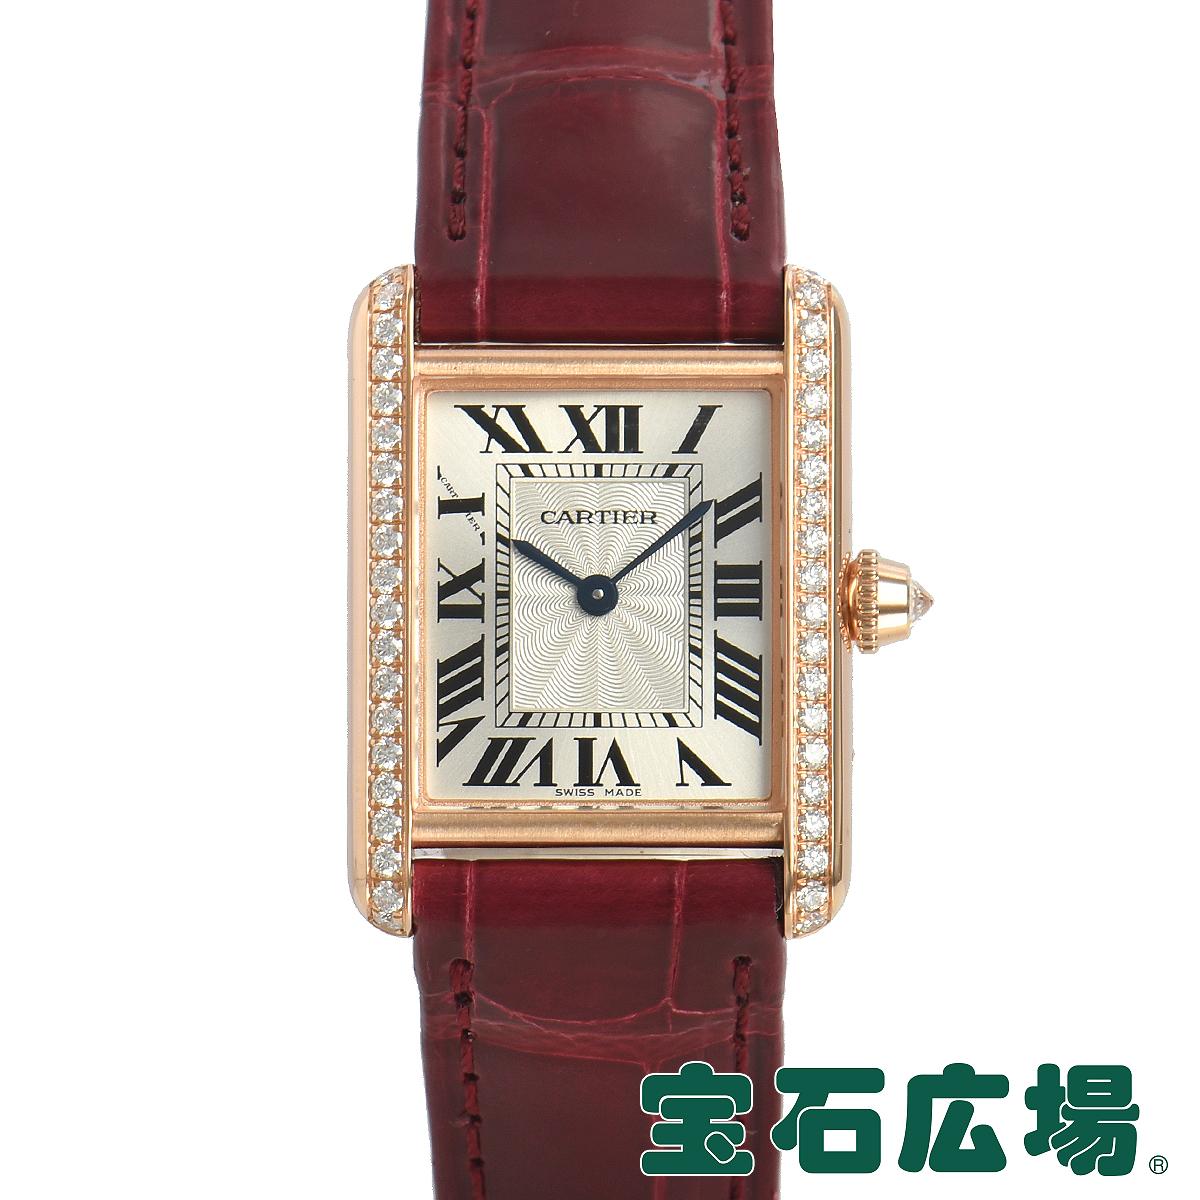 カルティエ CARTIER タンク ルイ カルティエ WJTA0010【新品】レディース 腕時計 送料・代引手数料無料